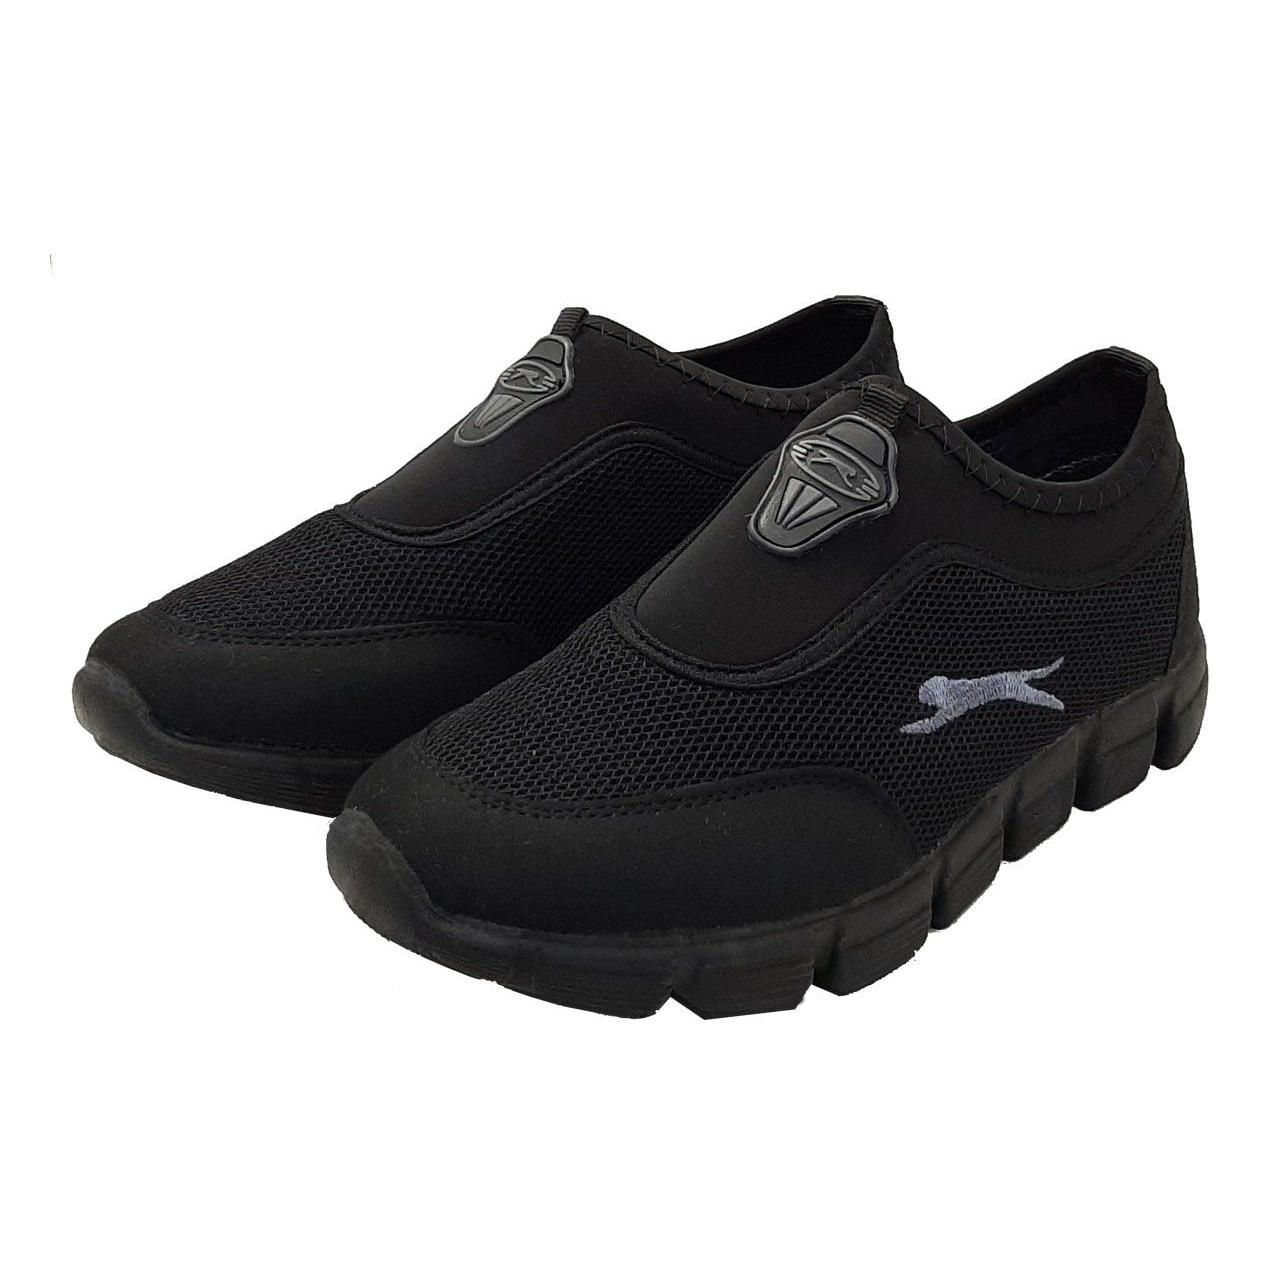 کفش مخصوص پیاده روی زنانه کد 287